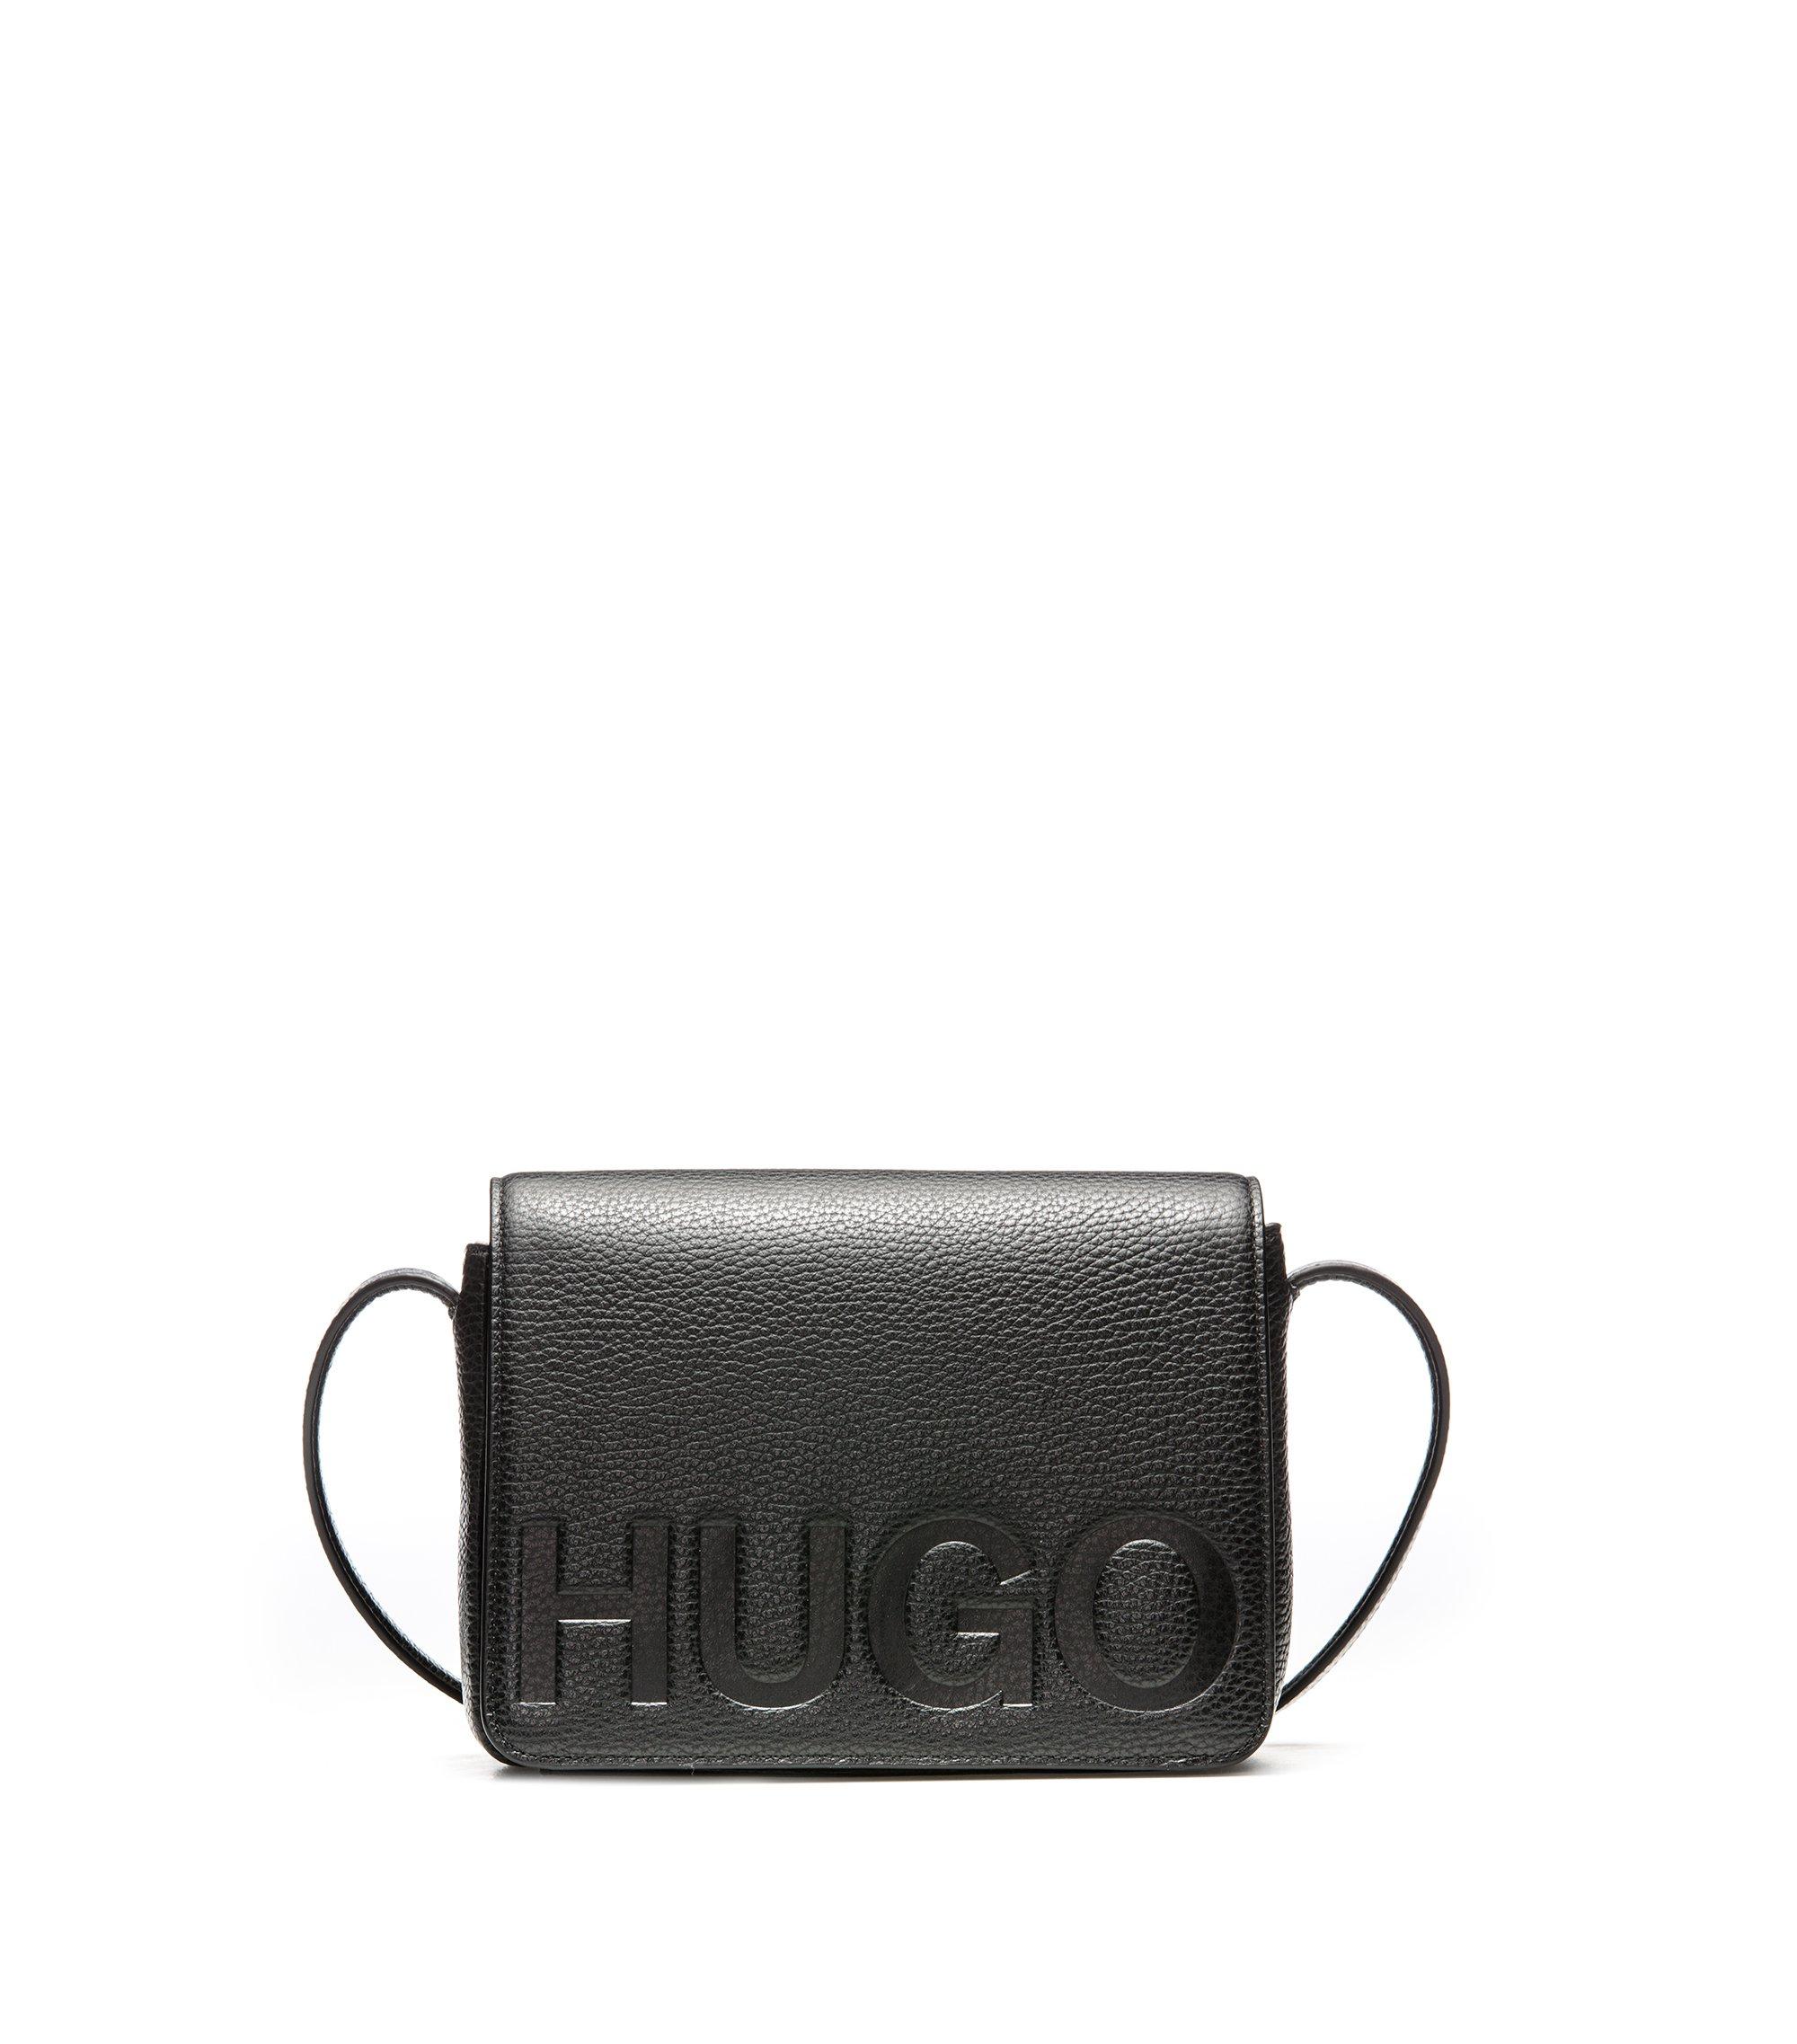 Umhängetasche aus Leder mit Logo-Prägung, Schwarz